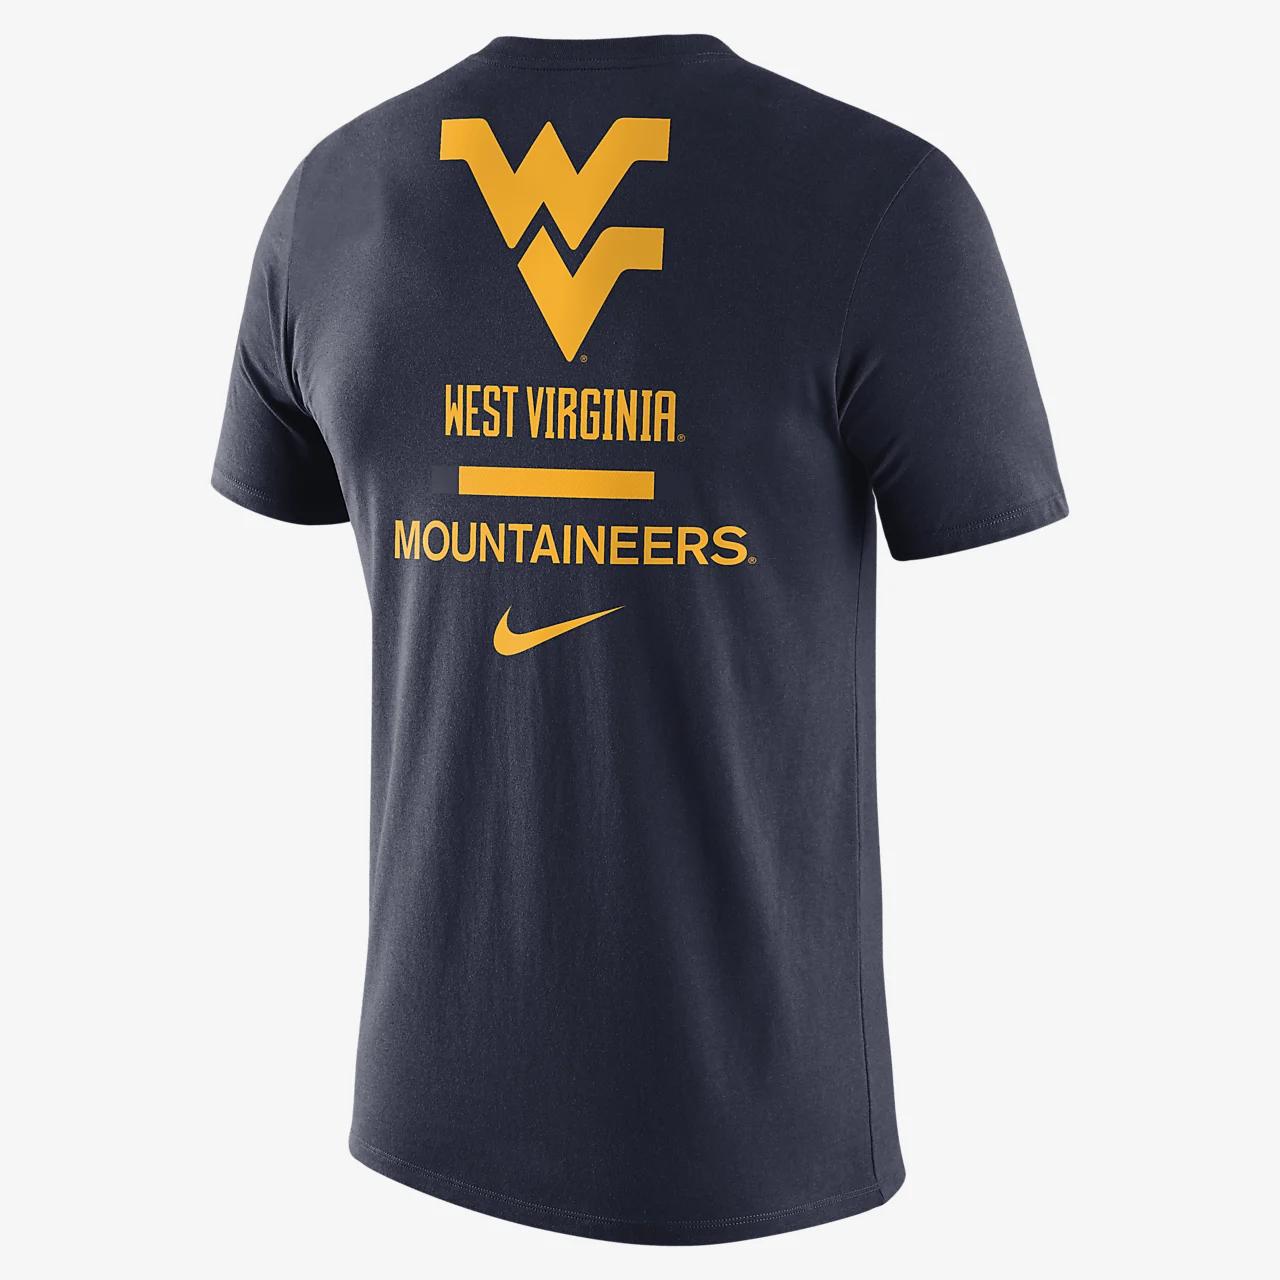 나이키 칼리지 드라이핏(웨스트 버지니아) 남성 티셔츠 CT8224-419